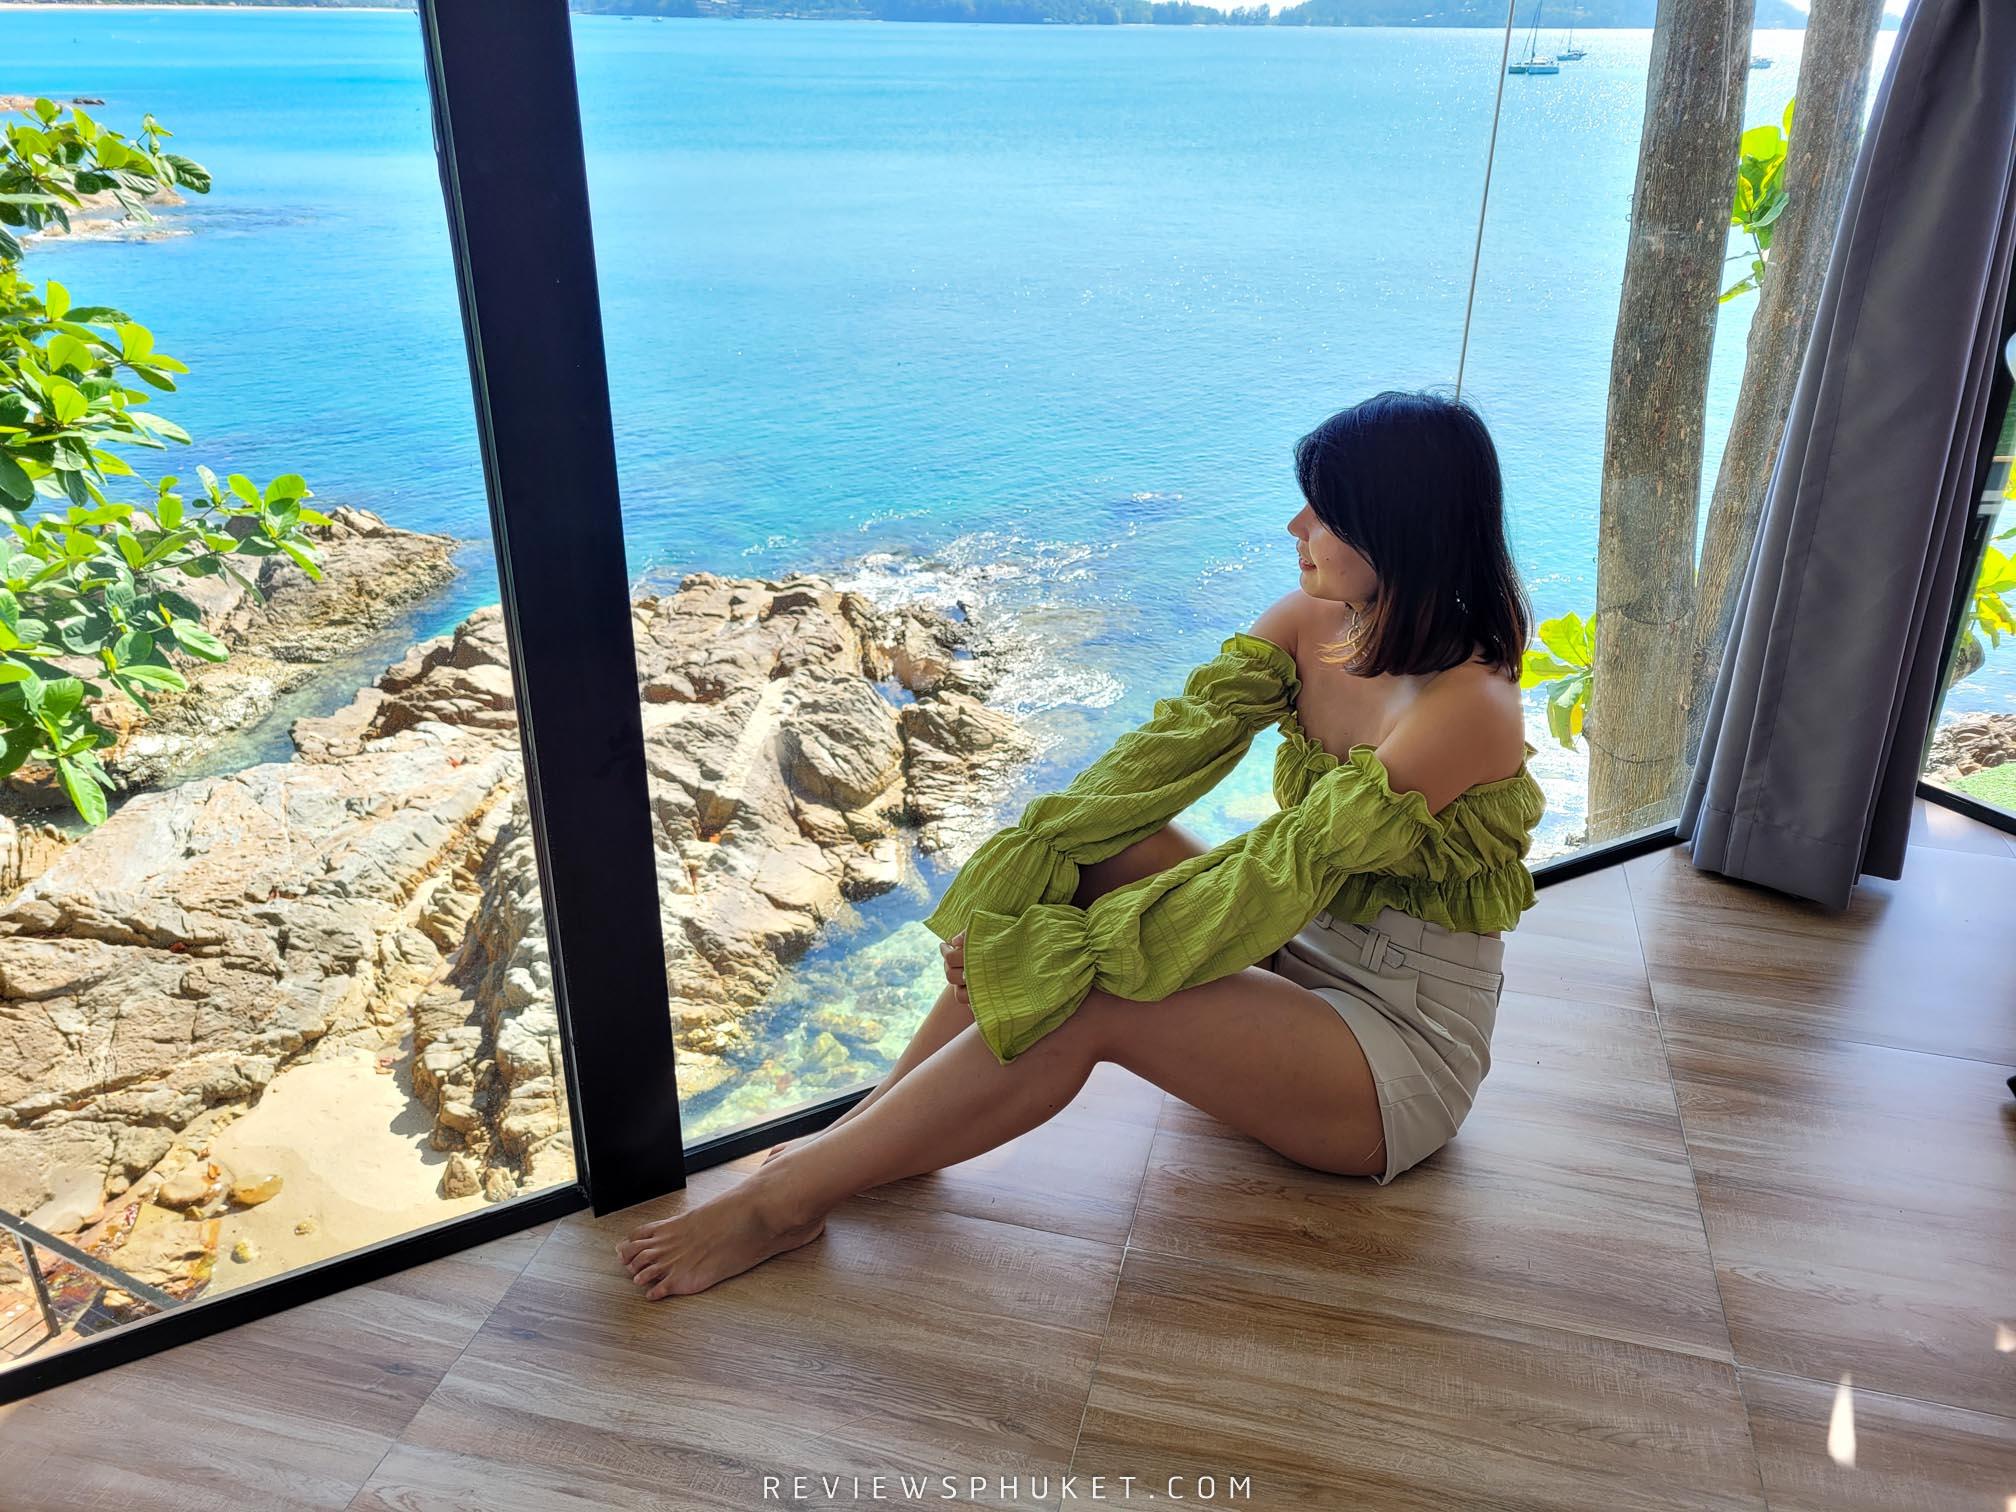 ภายในห้องกระจกใสสวยๆ แบบว่าคือวิวหลักล้านของจริงได้เพลิดเพลินกับทะเล-โขดหินสวยงามพร้อมน้ำใสๆ patongsunset,villa,ที่พักภูเก็ต